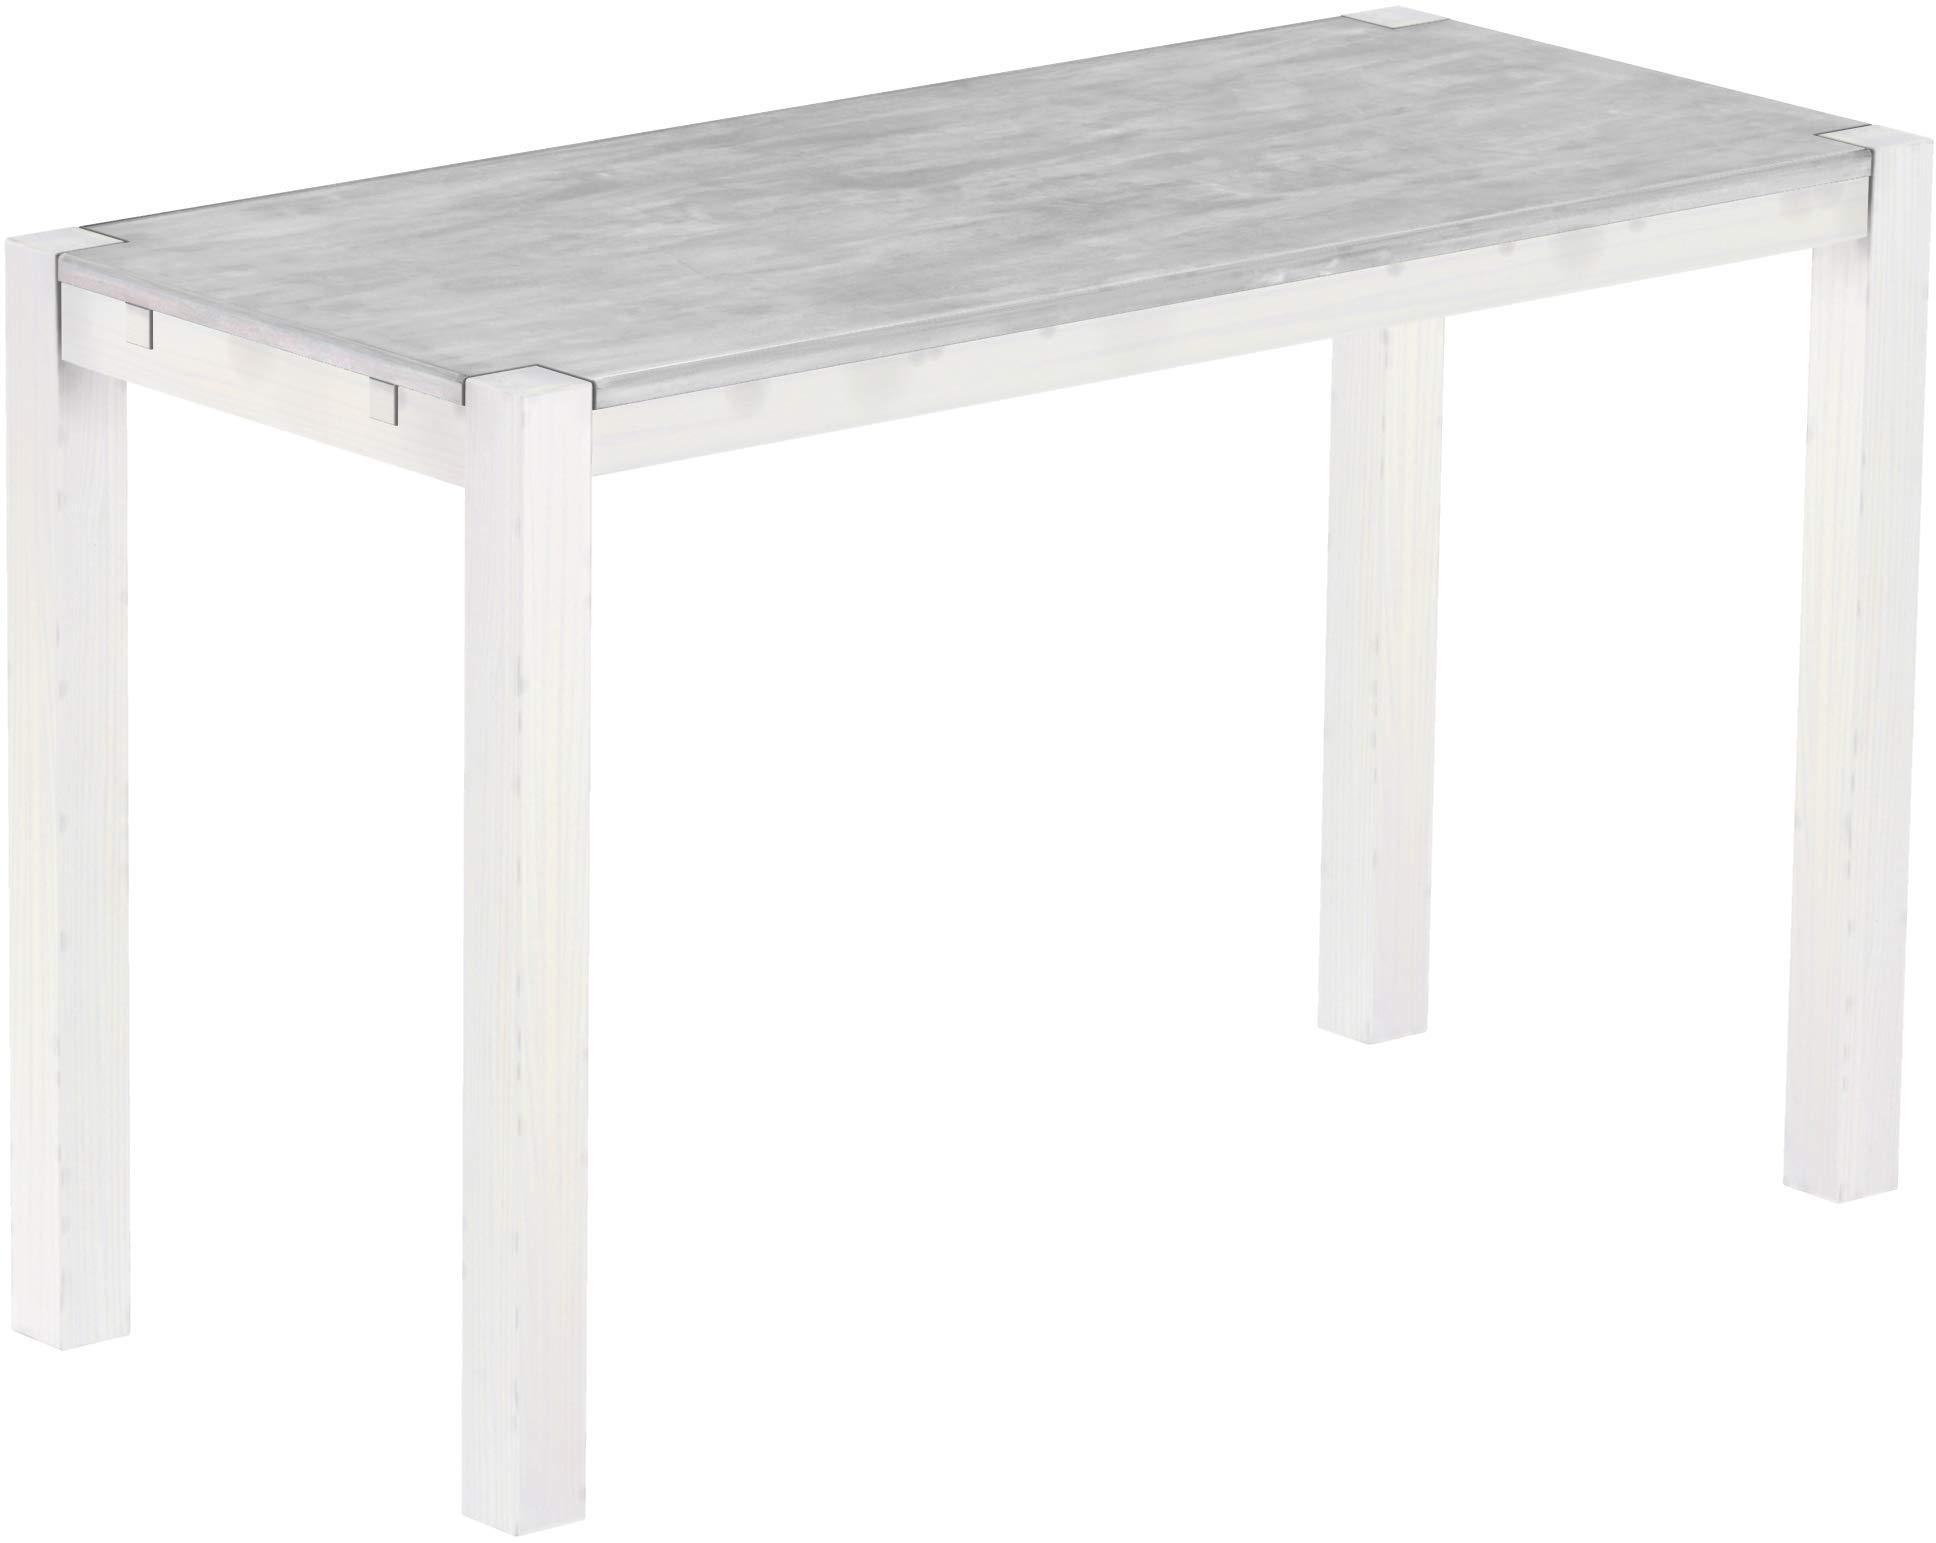 120x70x6 cm Bianco Viscio Trading Marshall Tavolo